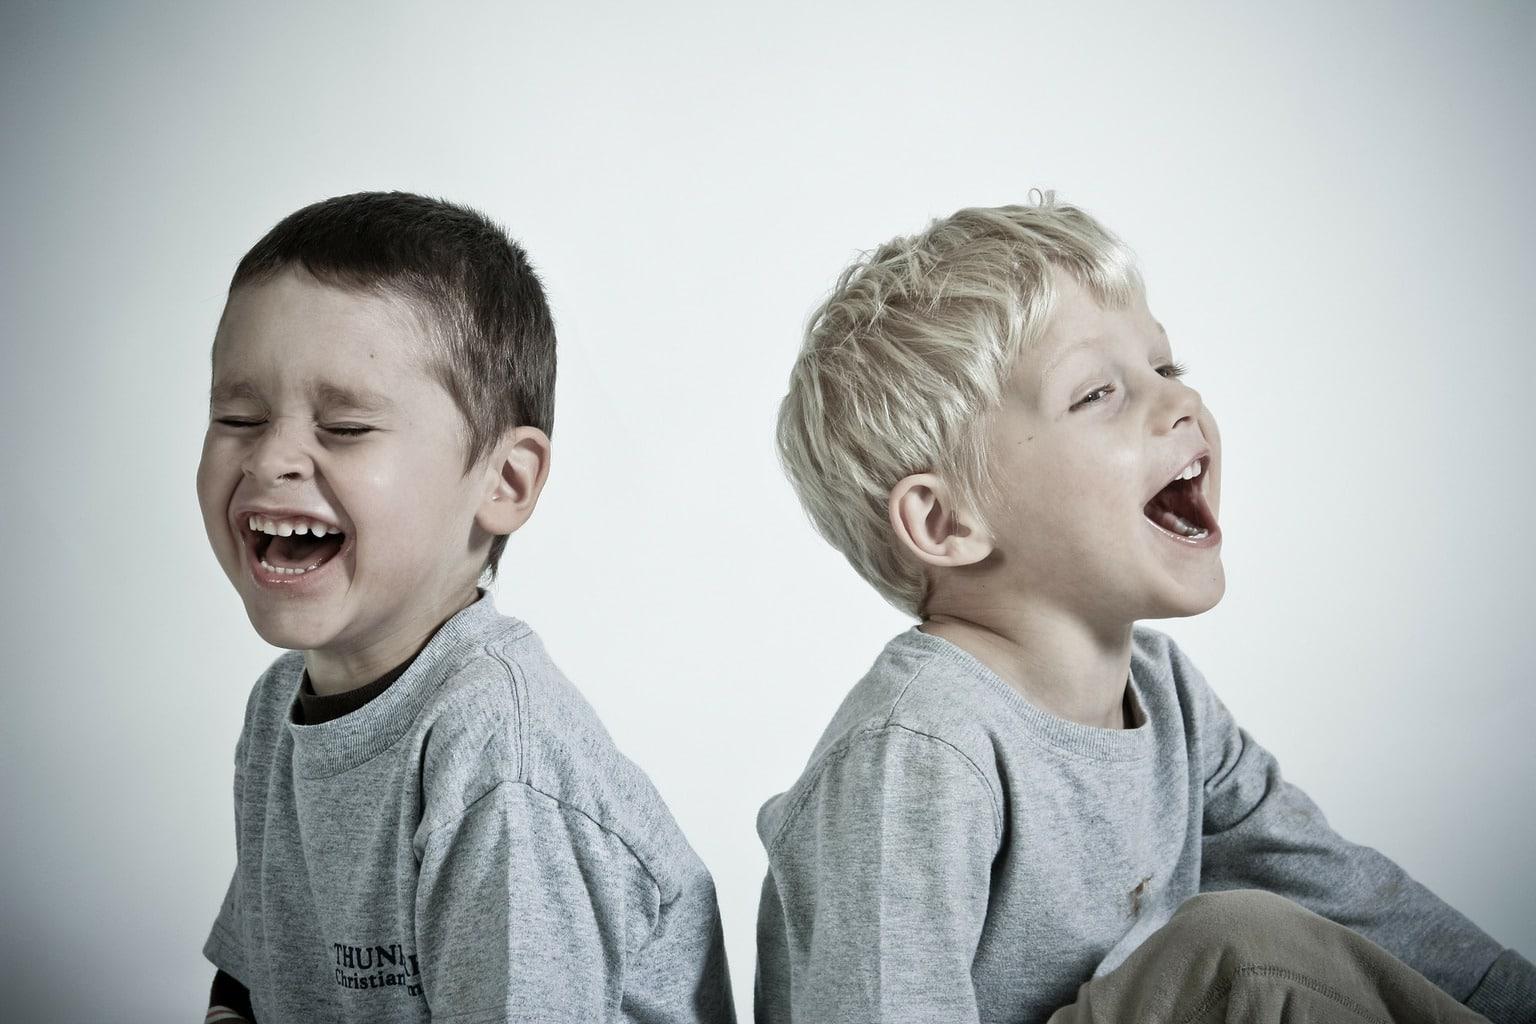 Fotografía de dos hermanos riéndose